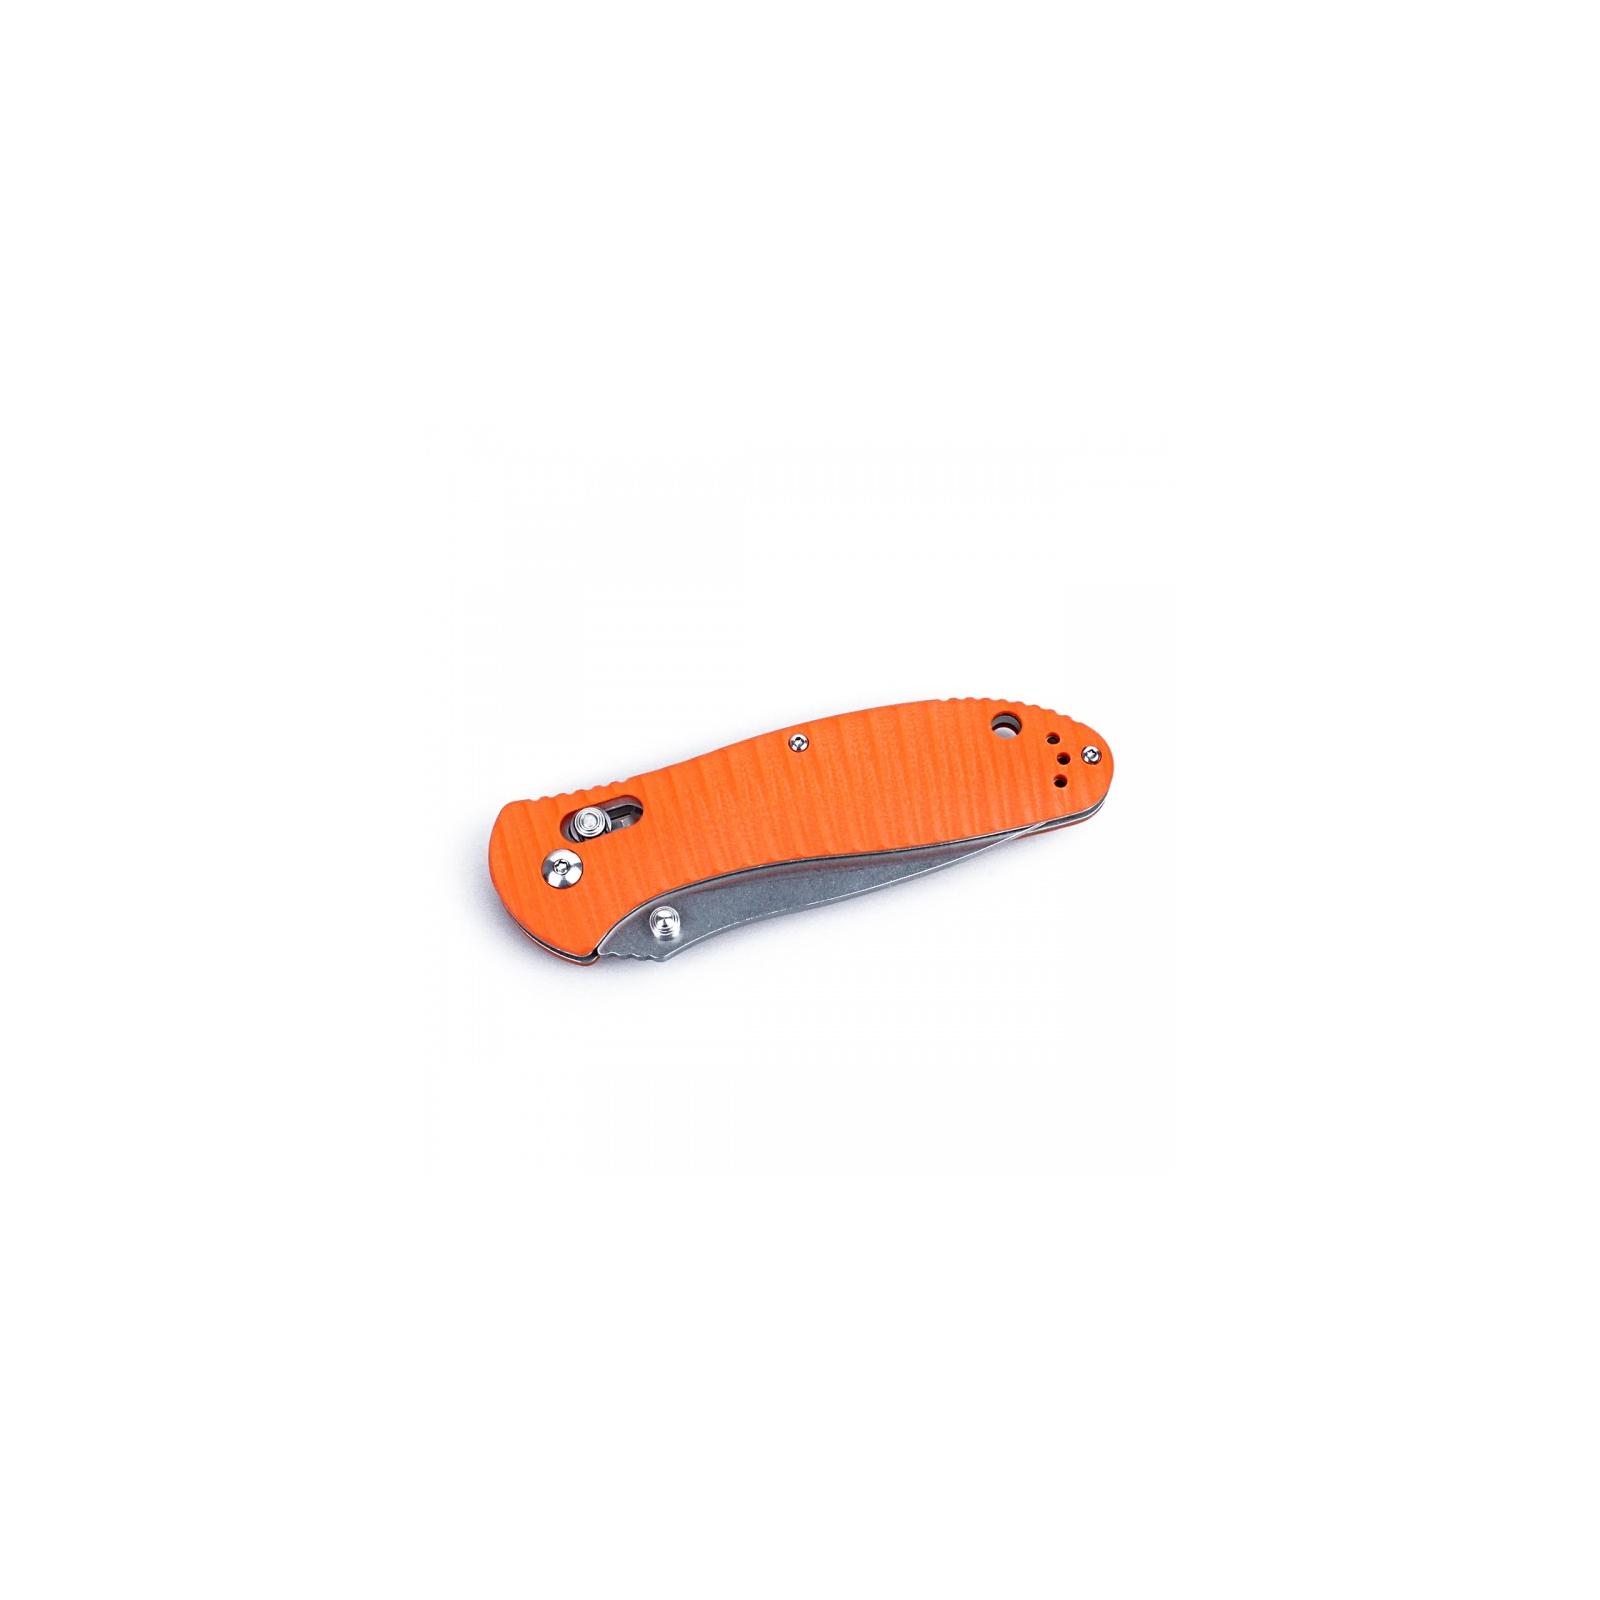 Нож Ganzo G7392P оранжевый (G7392P-OR) изображение 3